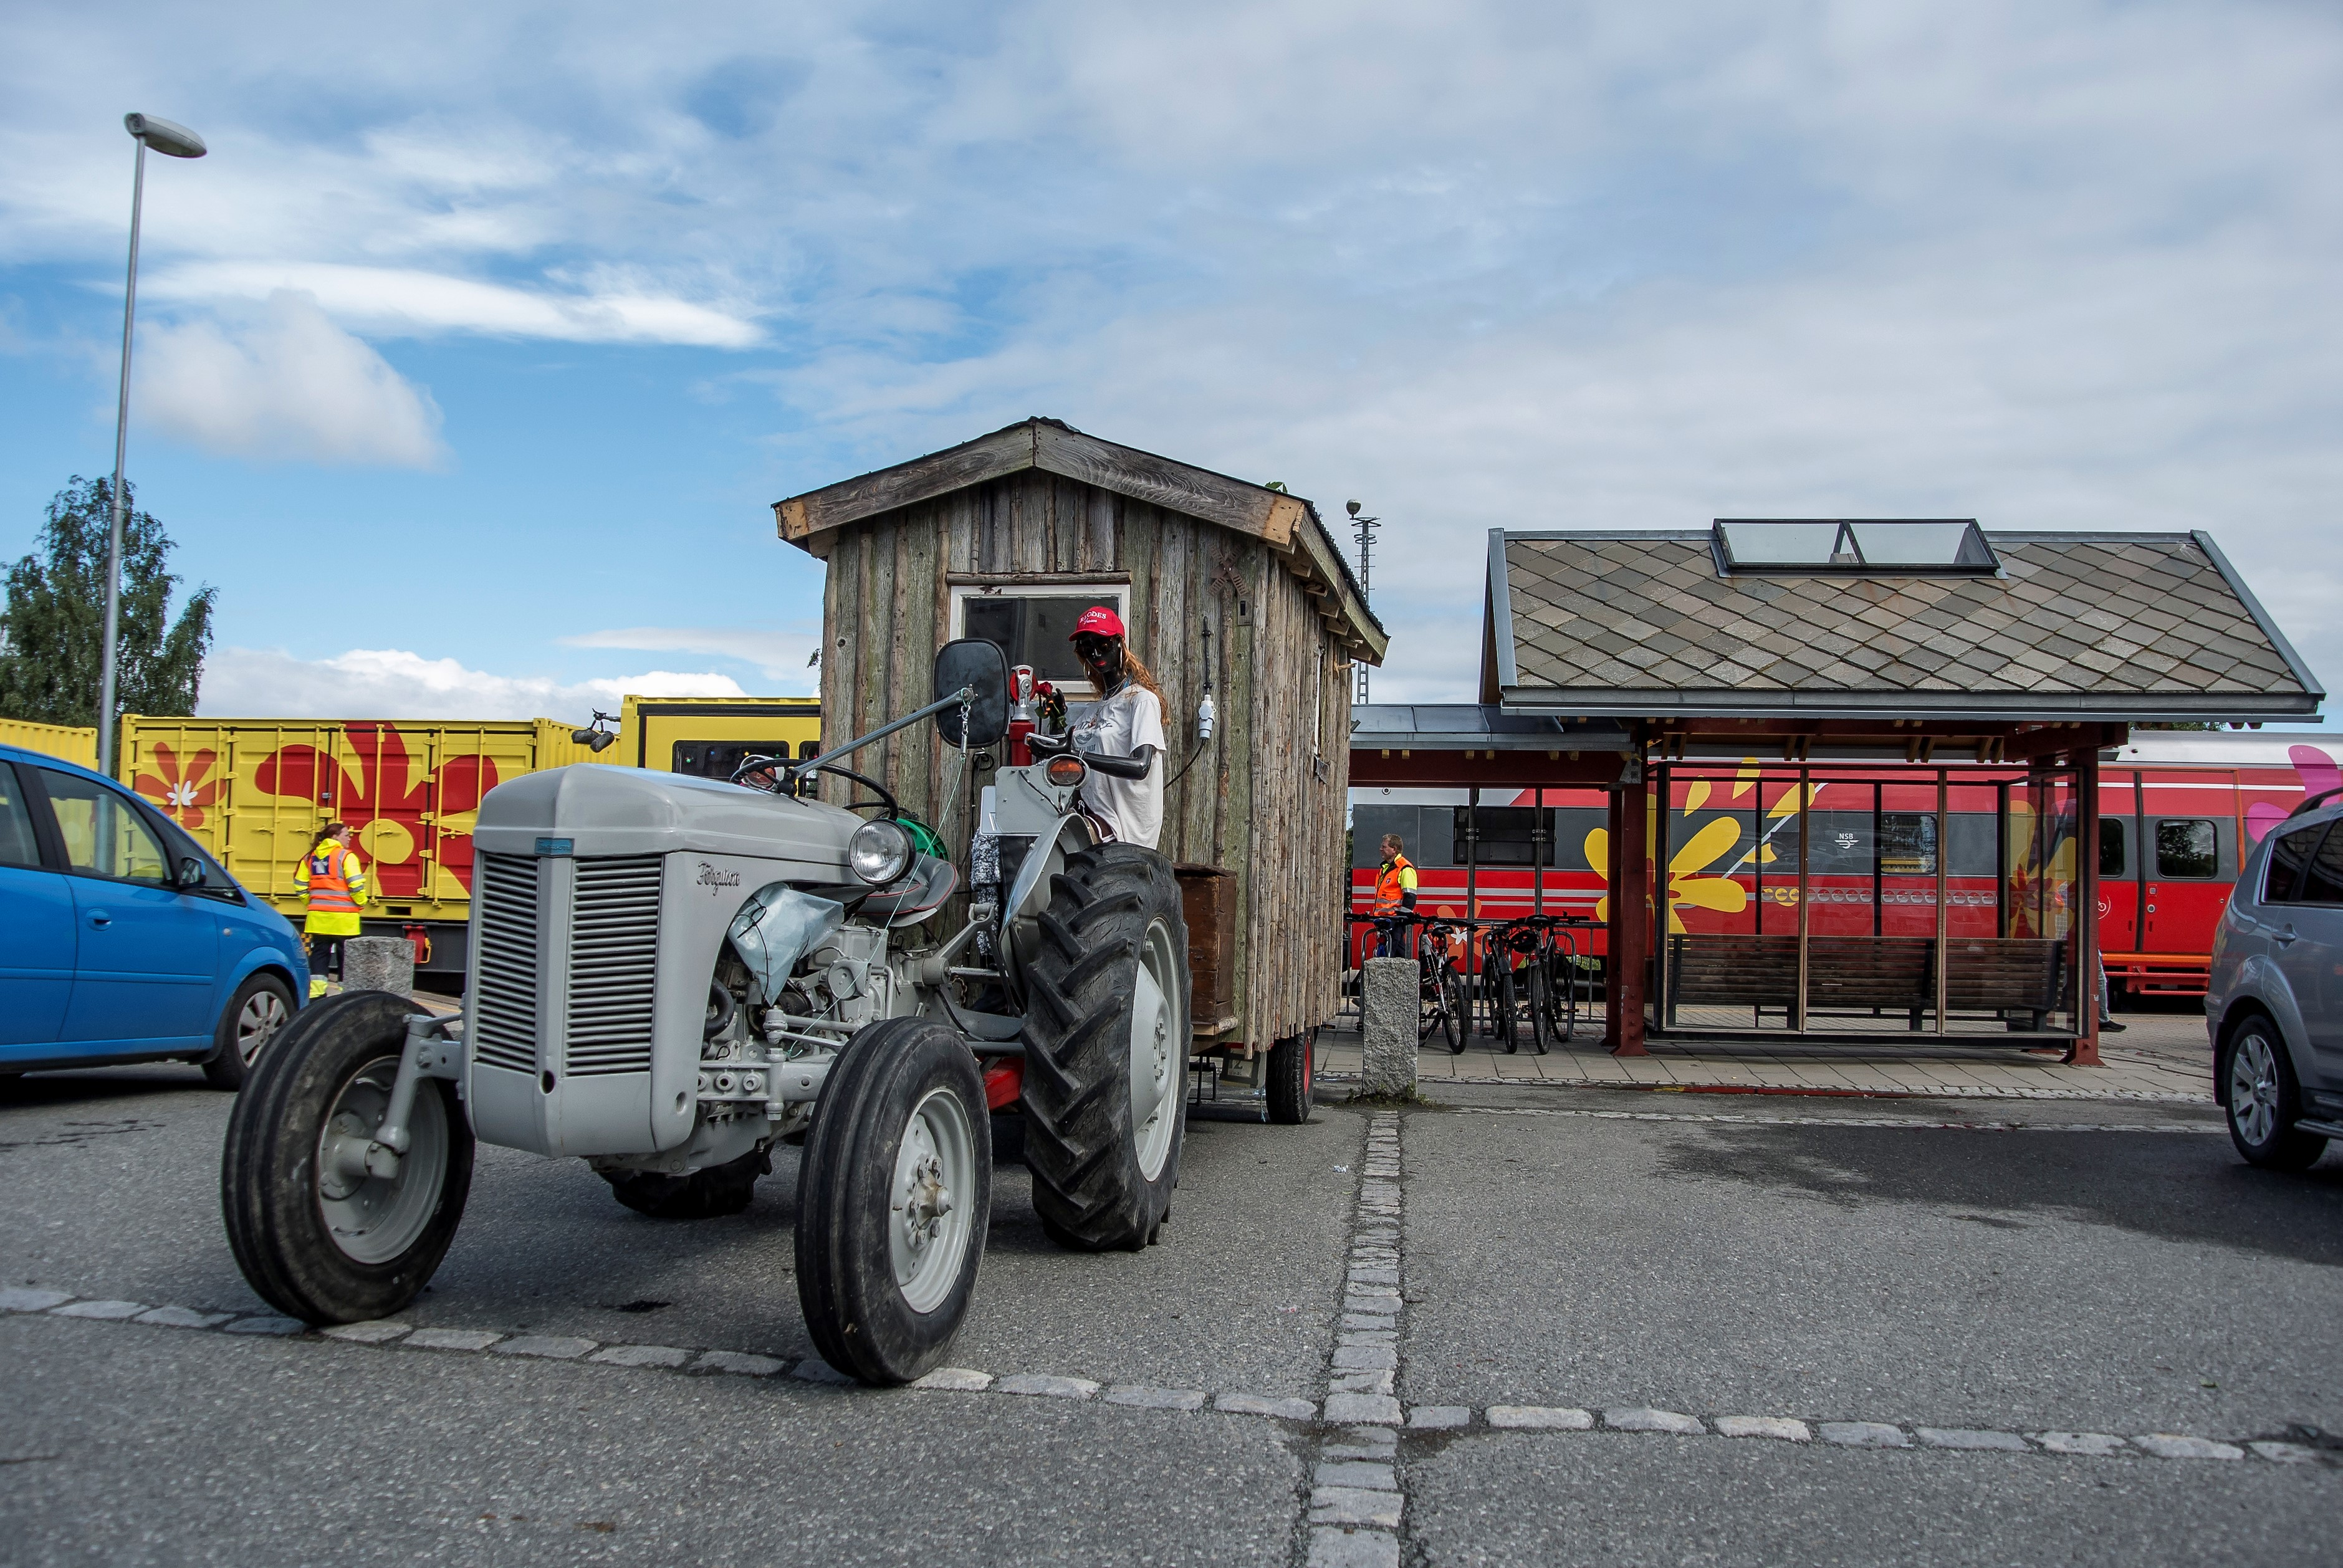 Bilde av traktor i ved perrongen i Hommelvik